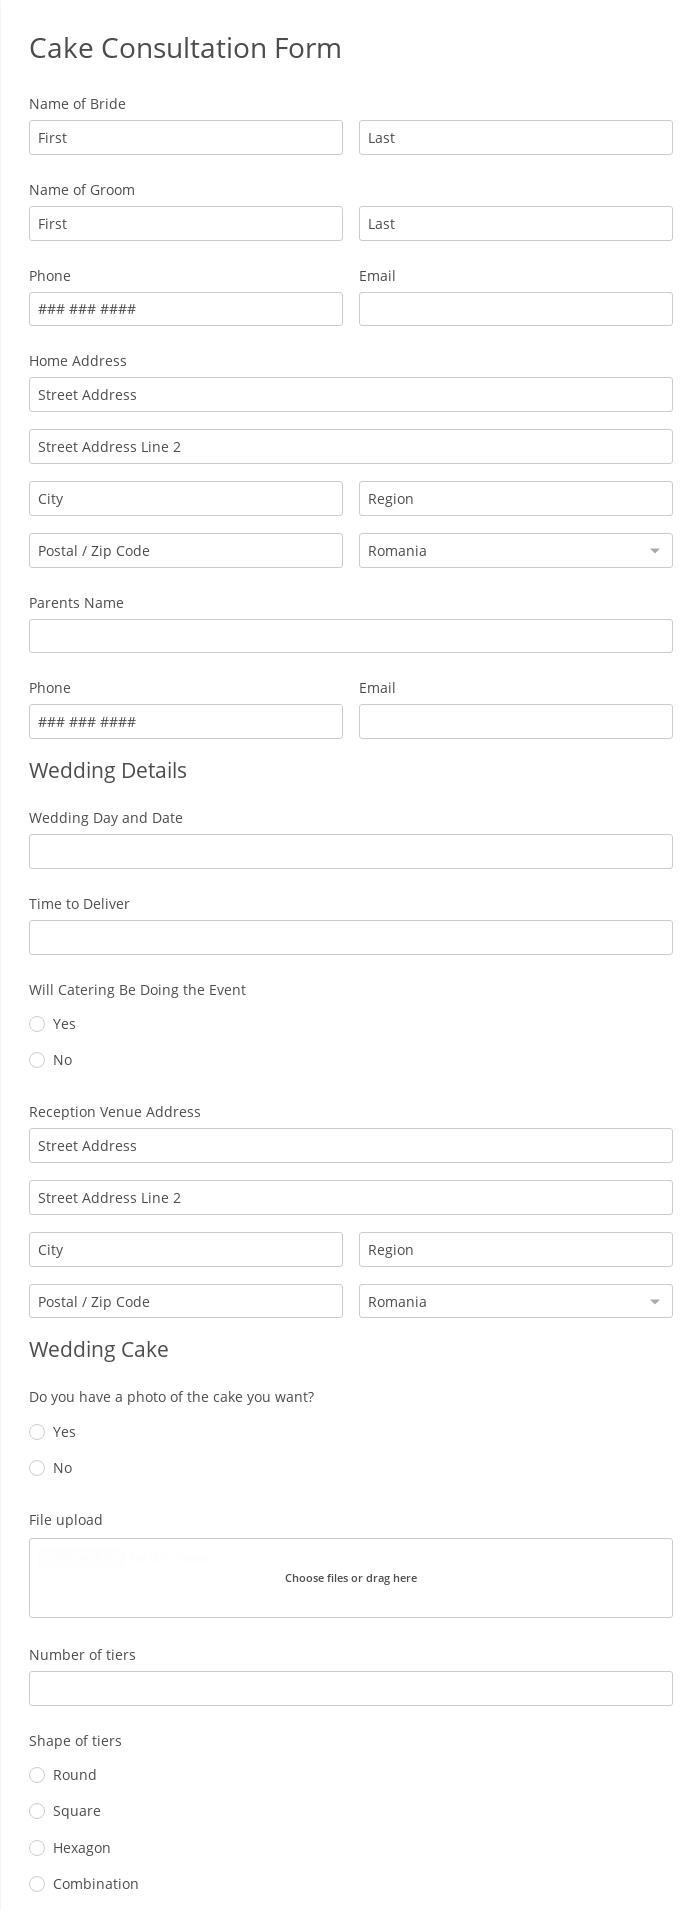 Cake Consultation Form